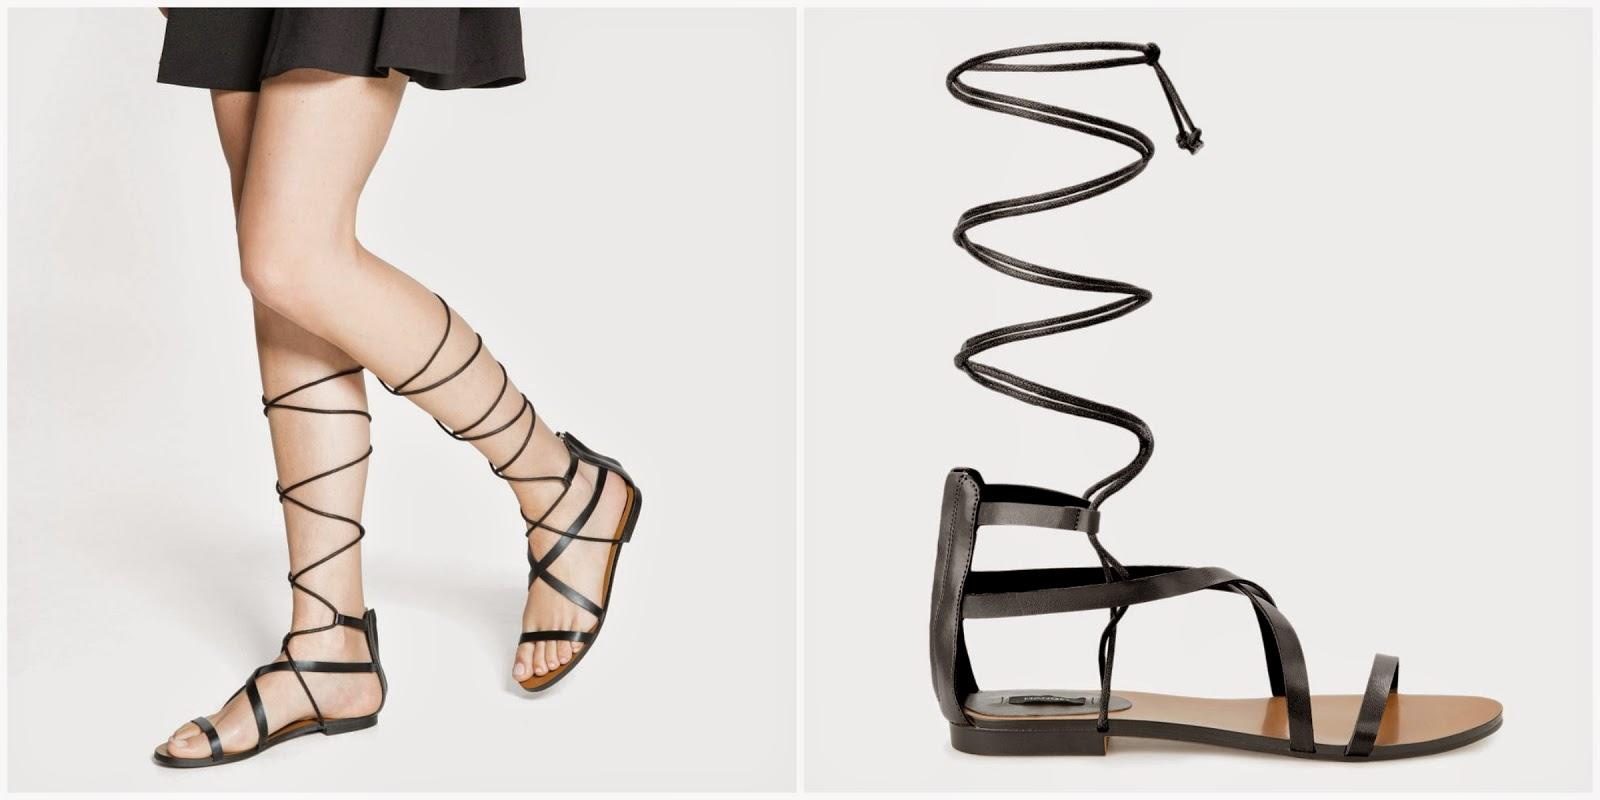 Sandalias romanas mango. Sandalias romanas colores. Sandalias romanas 2015. Sandalias romanas verano. Sandalias romanas baratas. Como hacer tus sandalias romanas